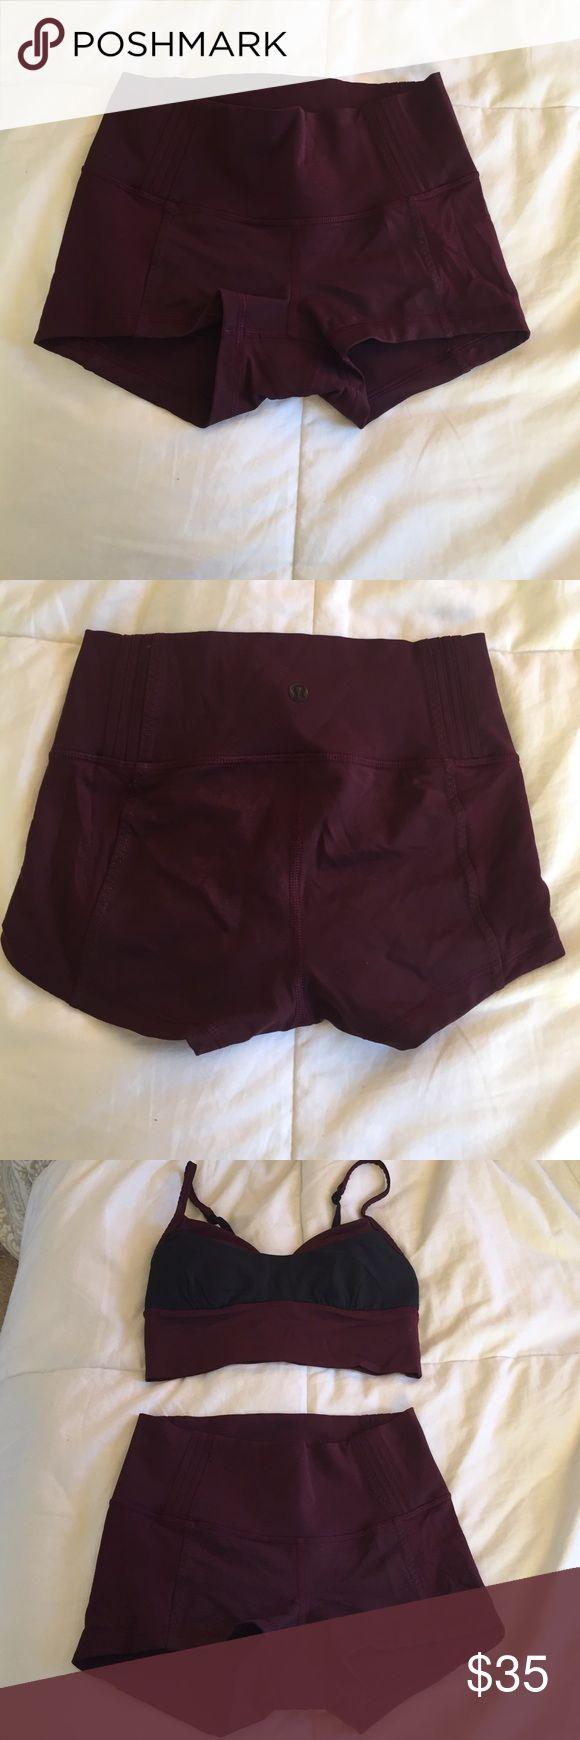 Lululemon Burgundy Shorts Lululemon Burgundy Shorts. Used only twice, washed per lulu rules. No rip tag. Bundle with matching bra for additional discount! lululemon athletica Shorts